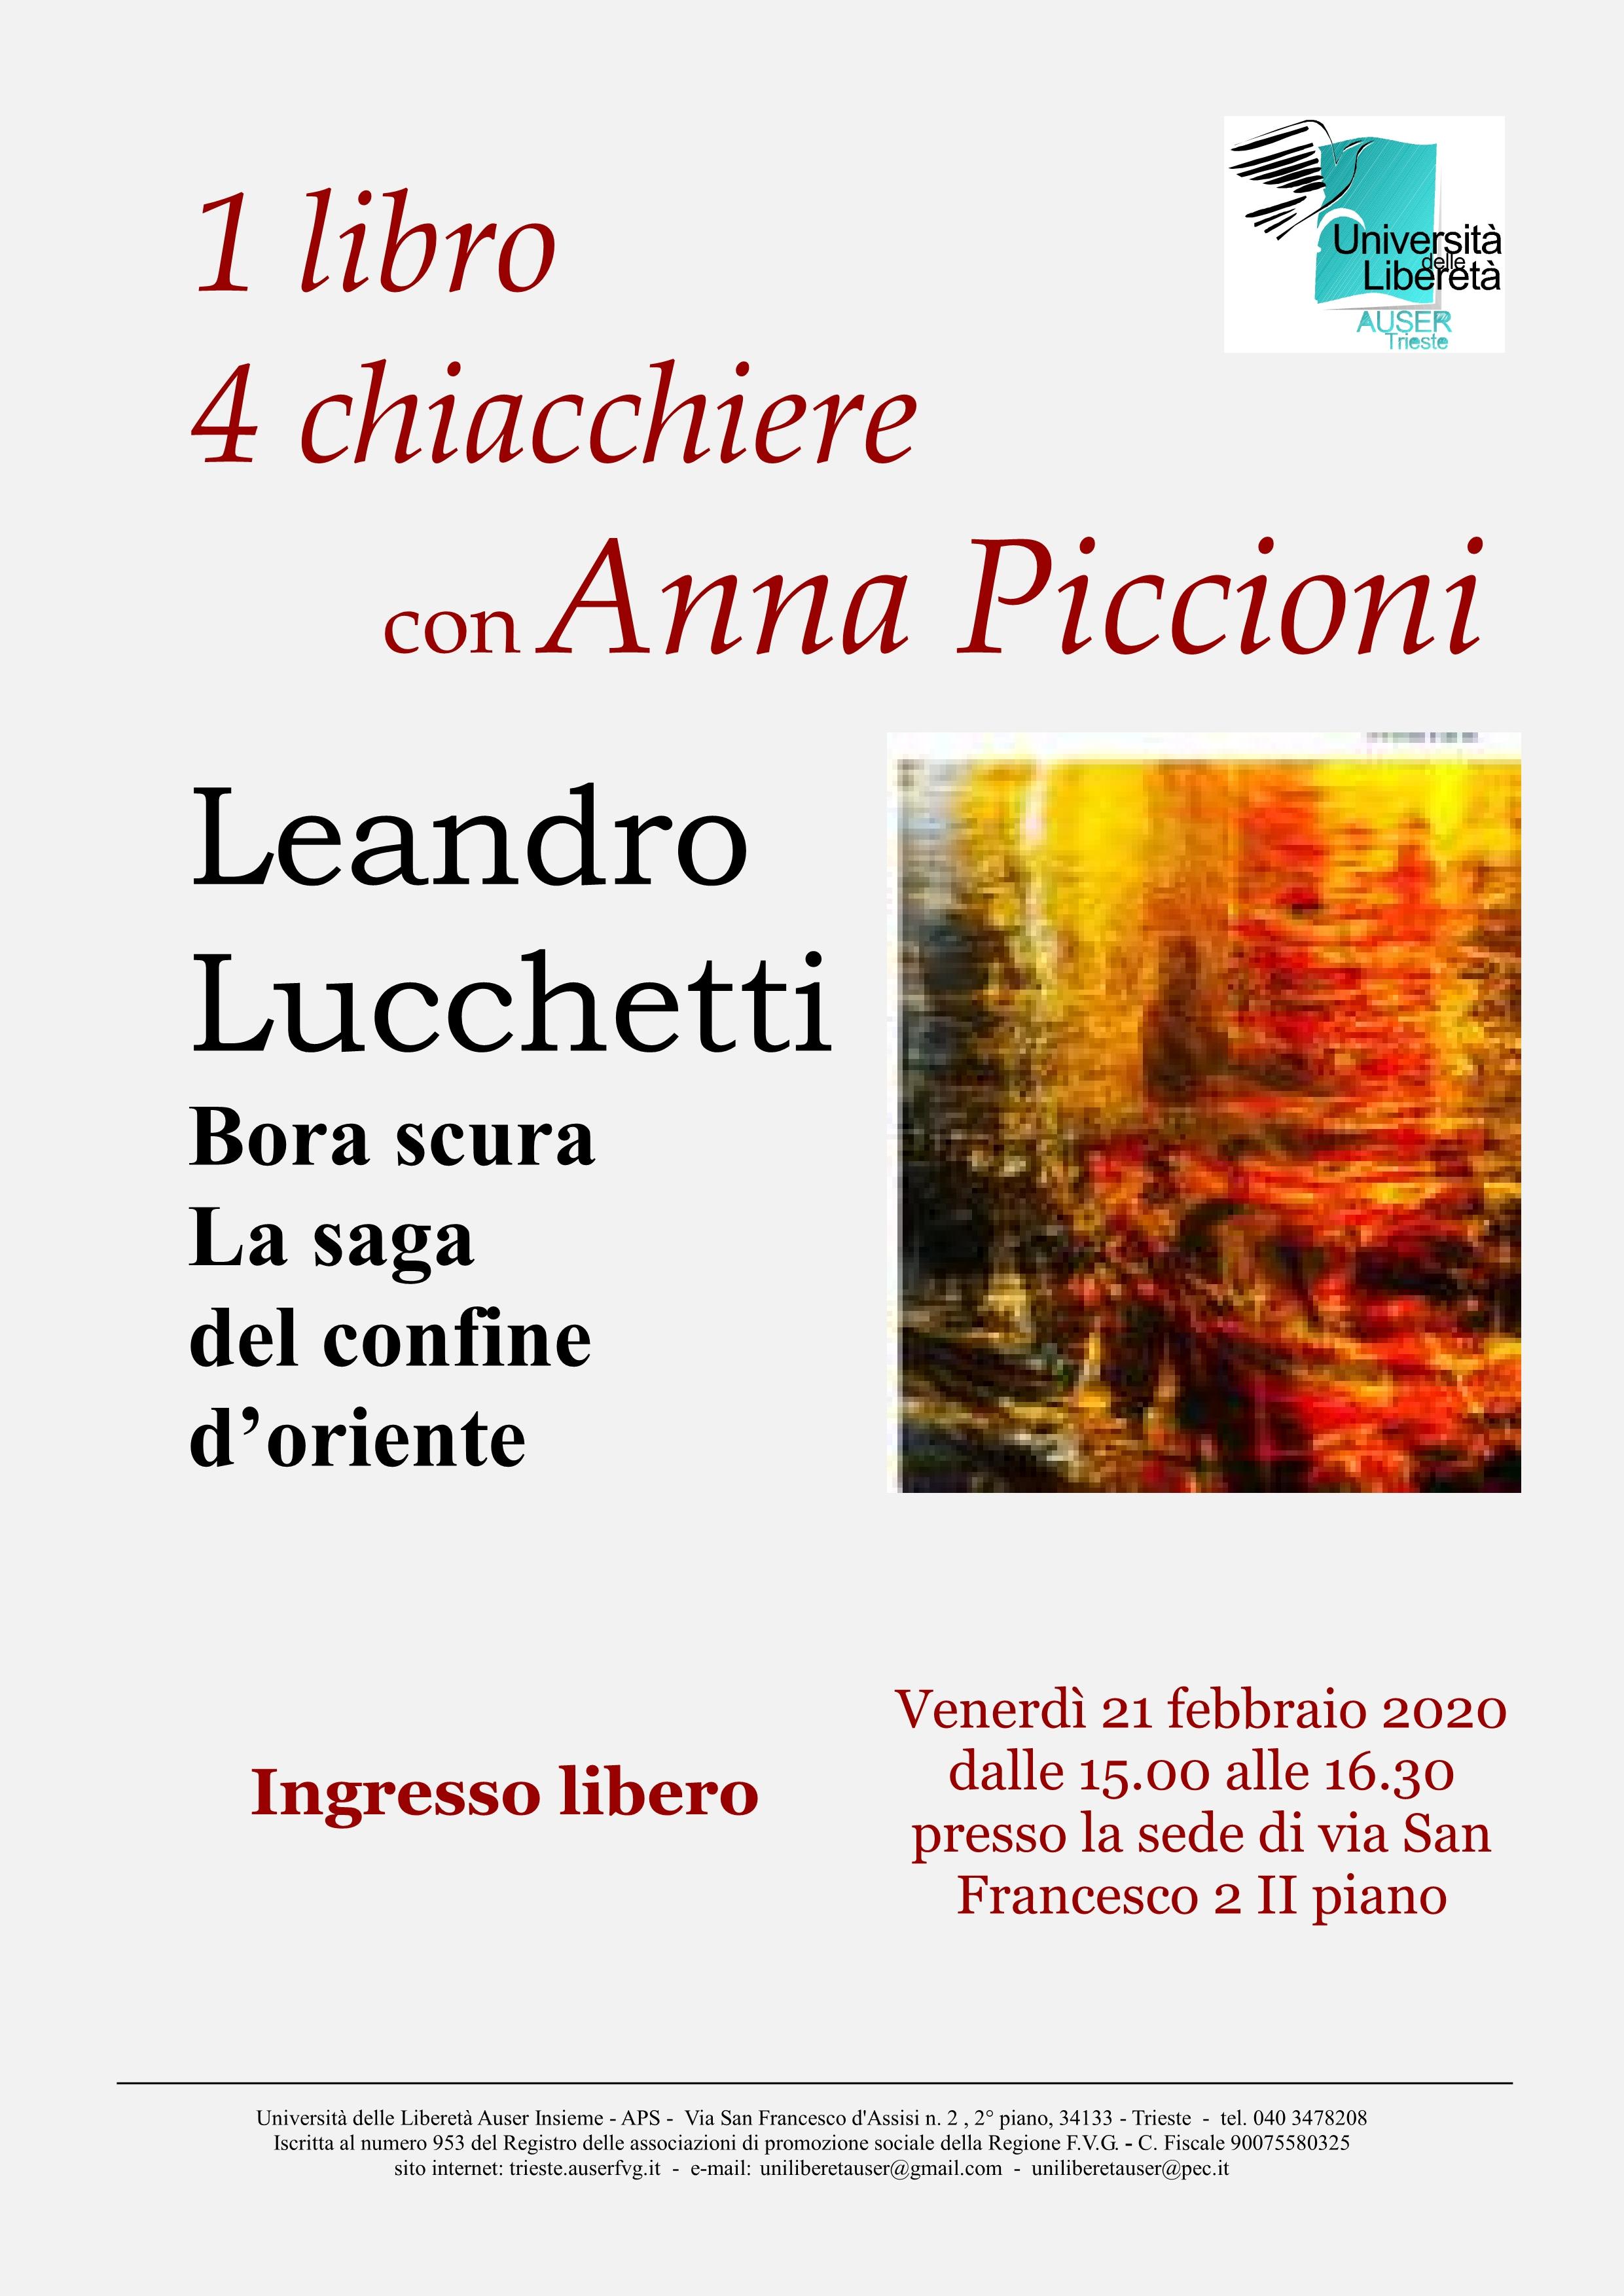 Anna Piccioni